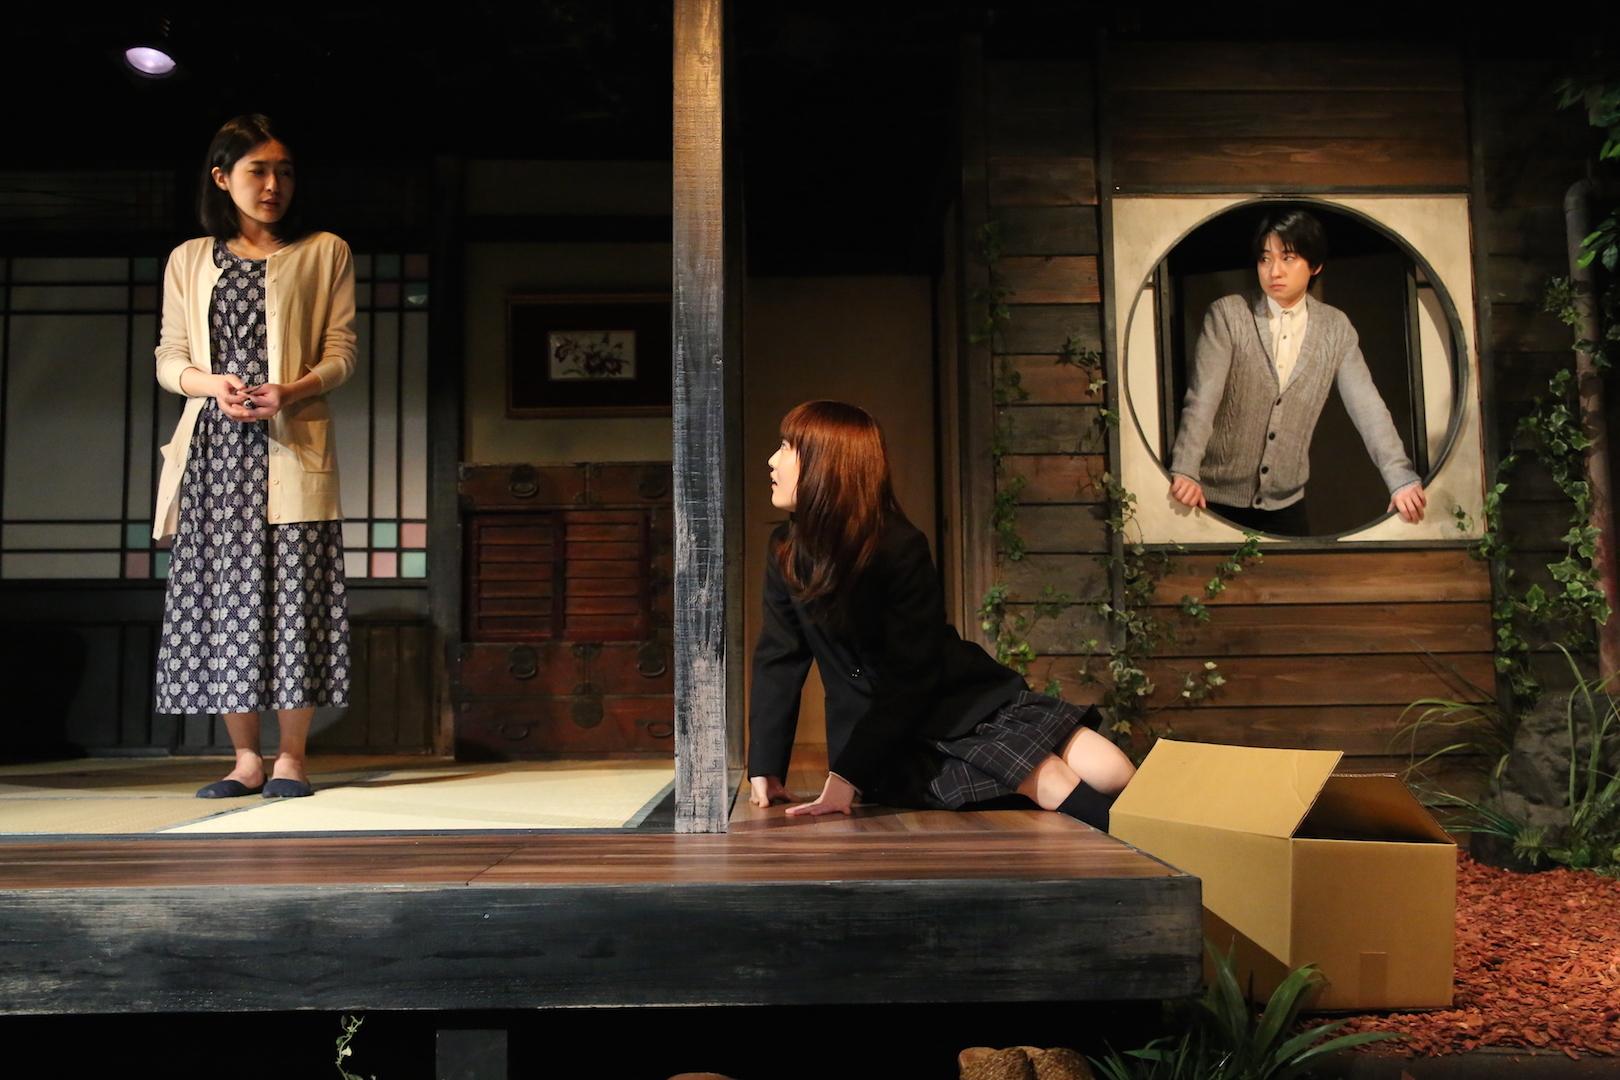 鵺的第10回公演『悪魔を汚せ』下北沢駅前劇場。左から、高橋恭子、福永マリカ、祁答院雄貴。 撮影/石澤知絵子